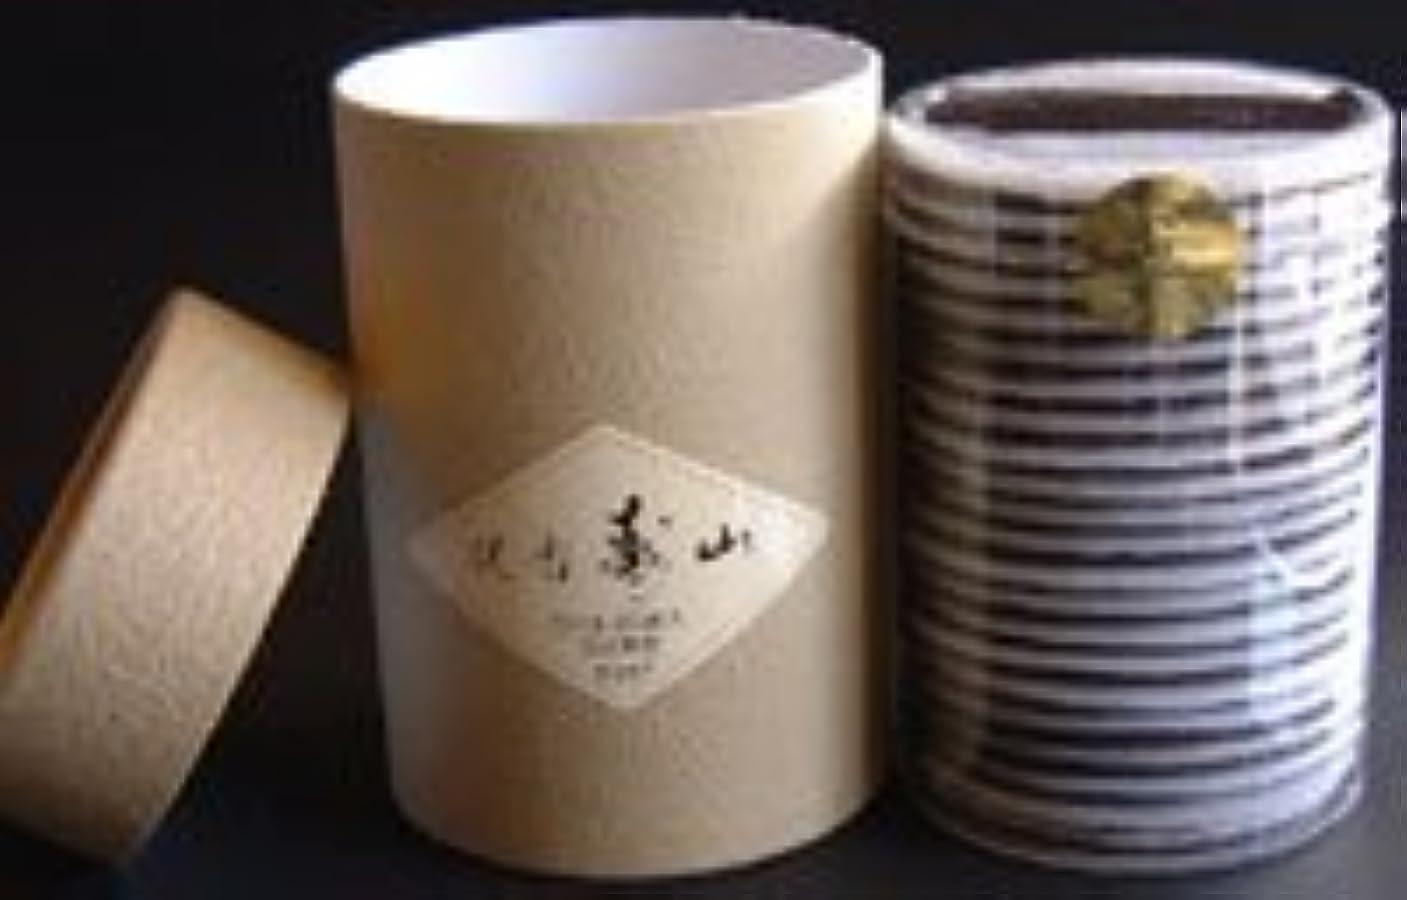 ボイコット爬虫類敏感な日本香堂のお香 沈香寿山 徳用渦巻20枚入